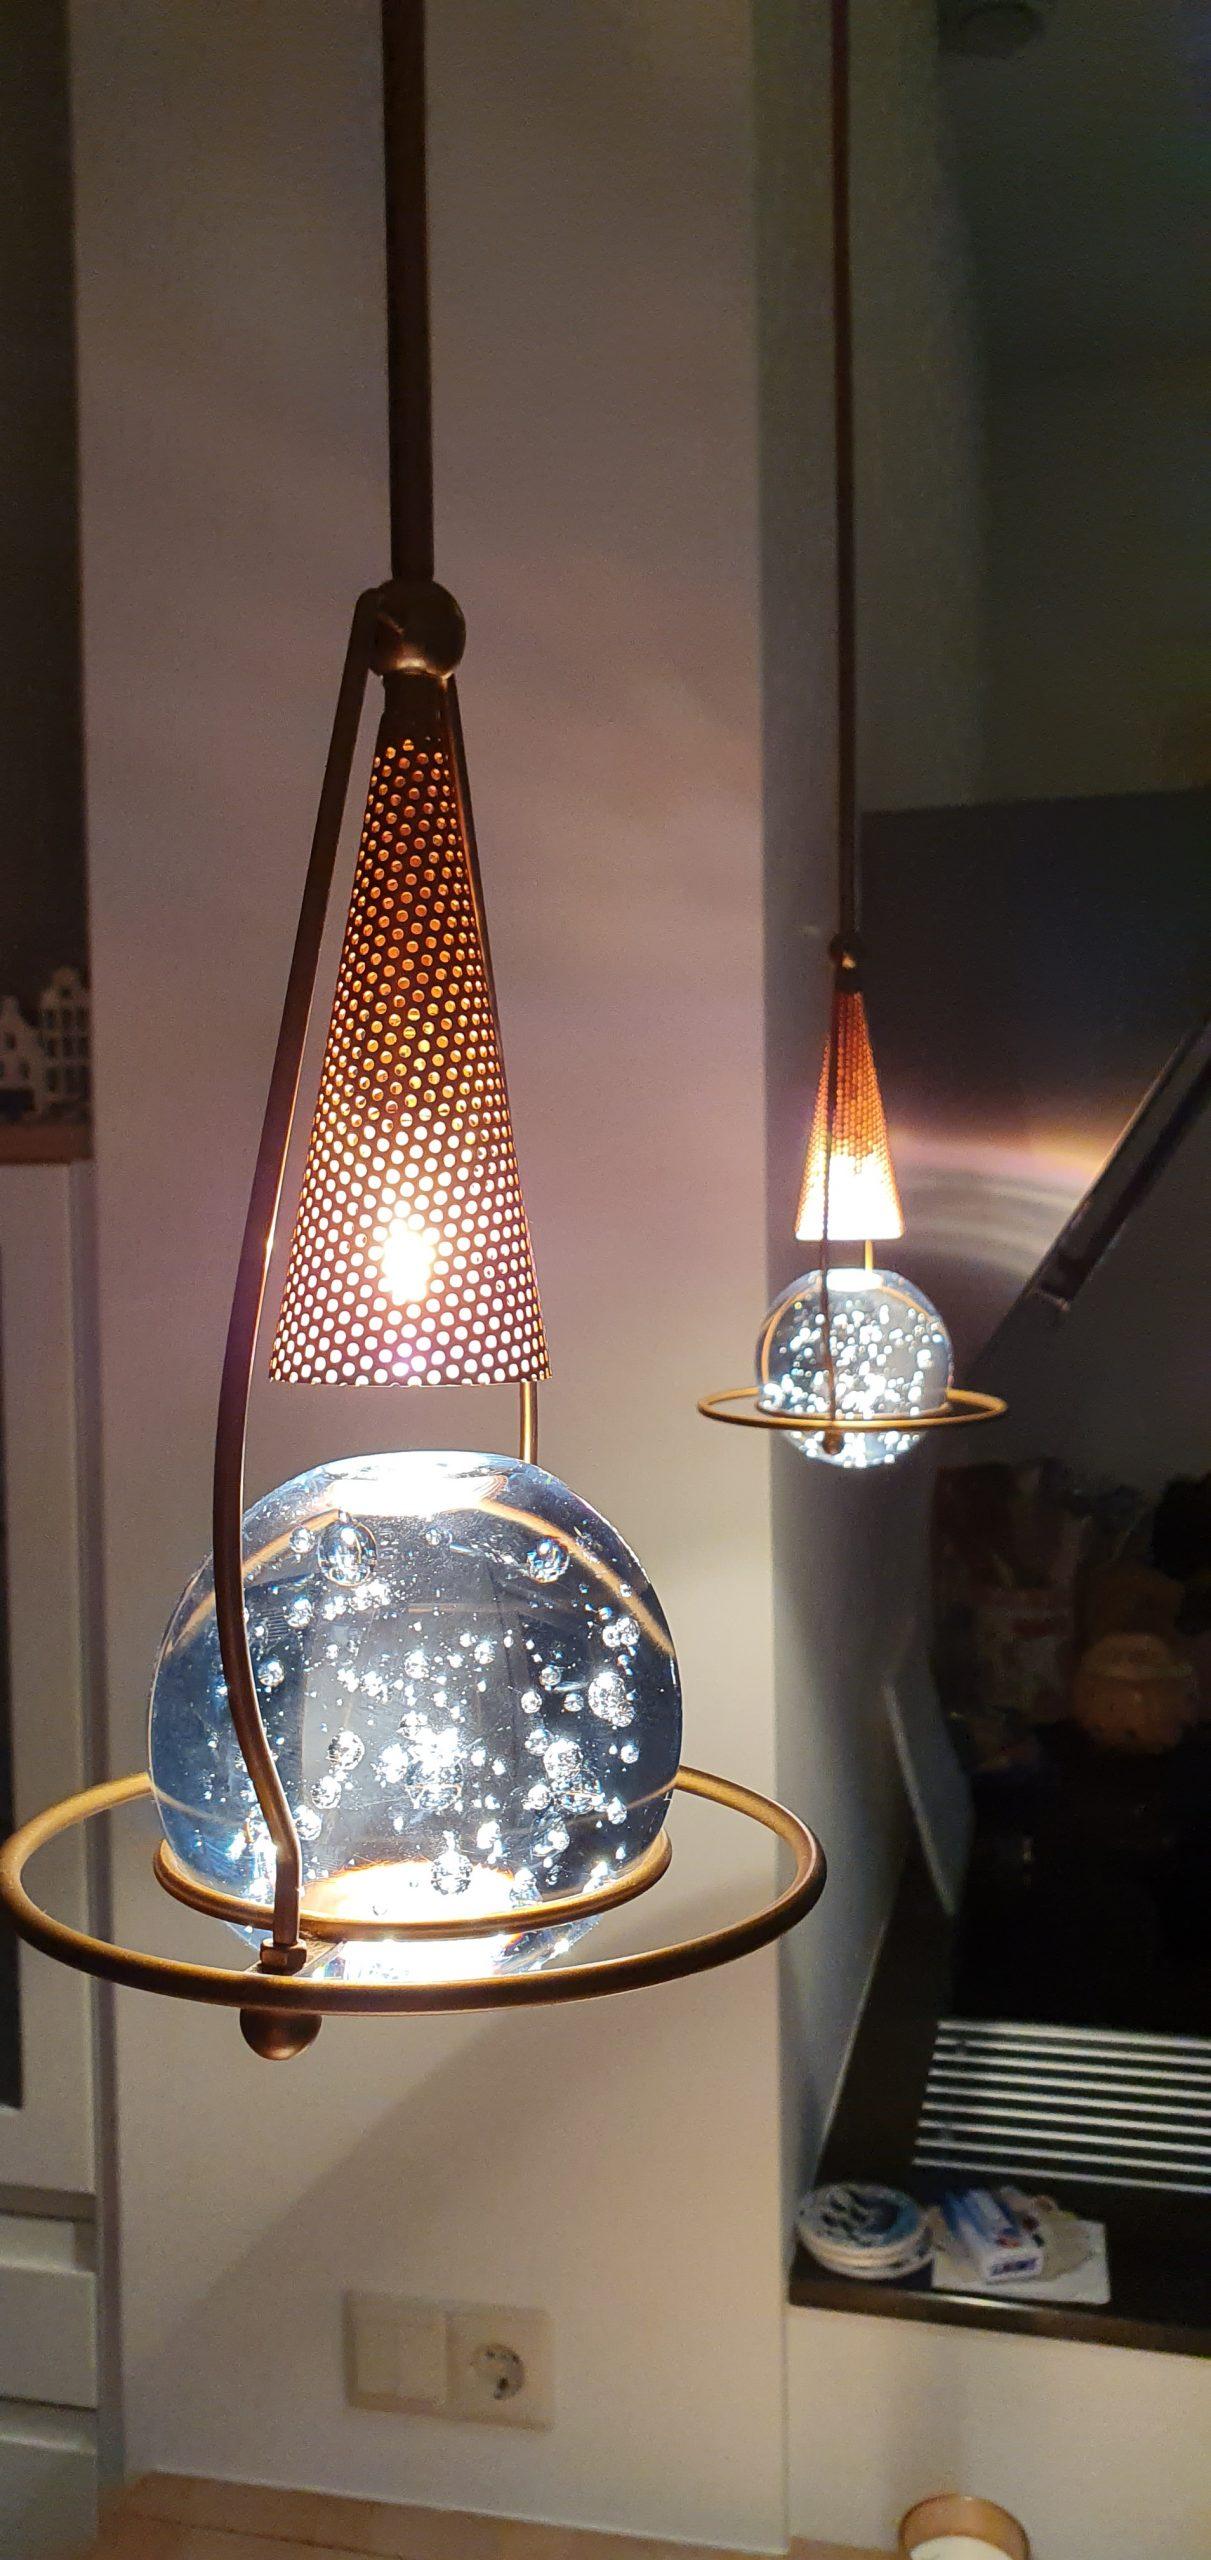 hanglamp closeup